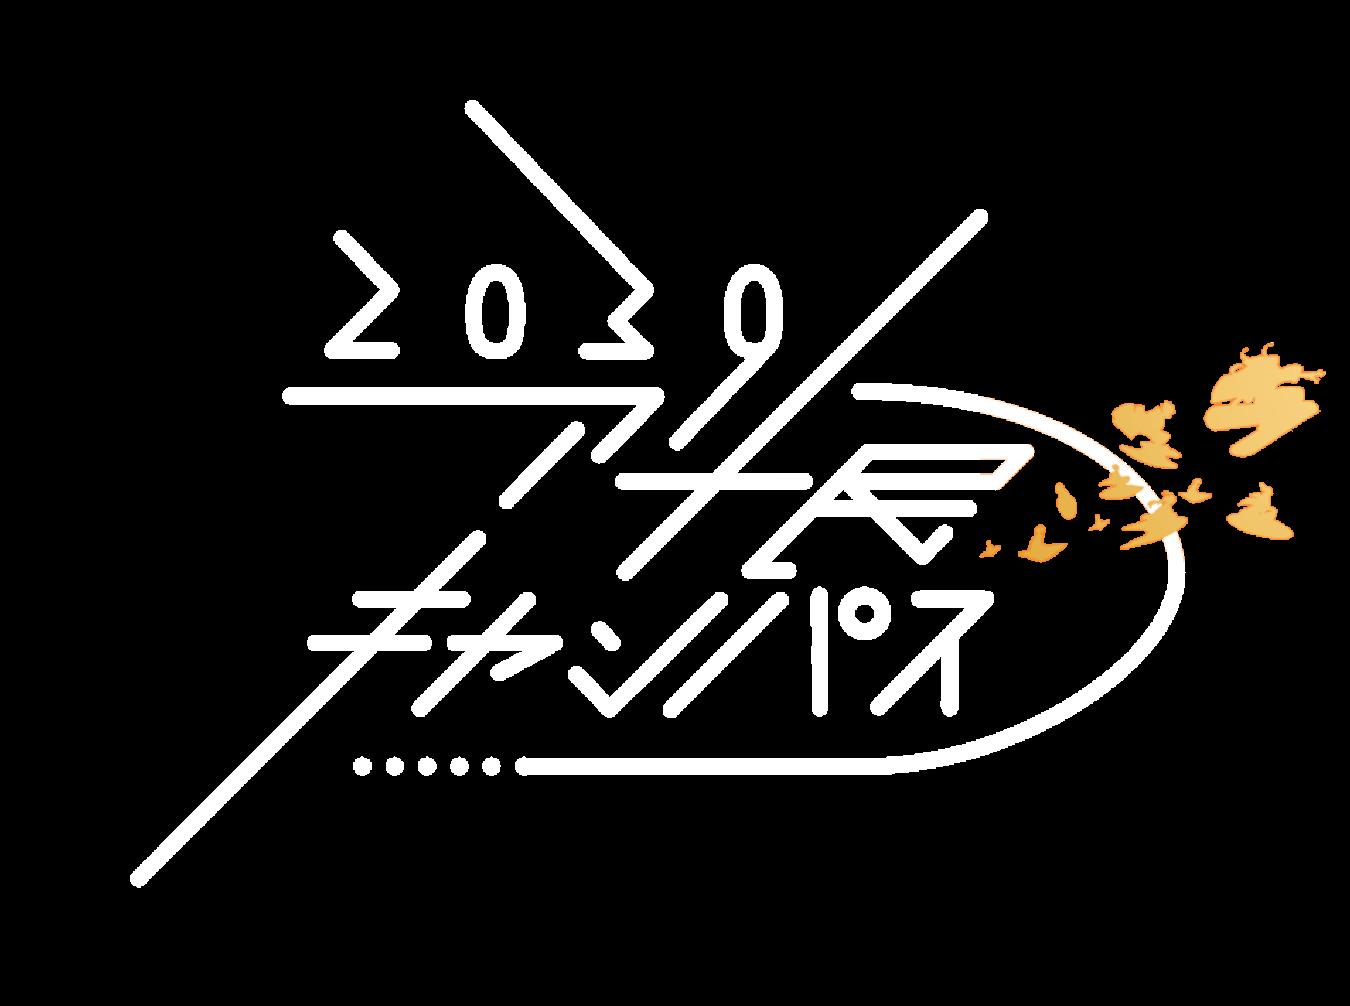 2039アナ民キャンパス